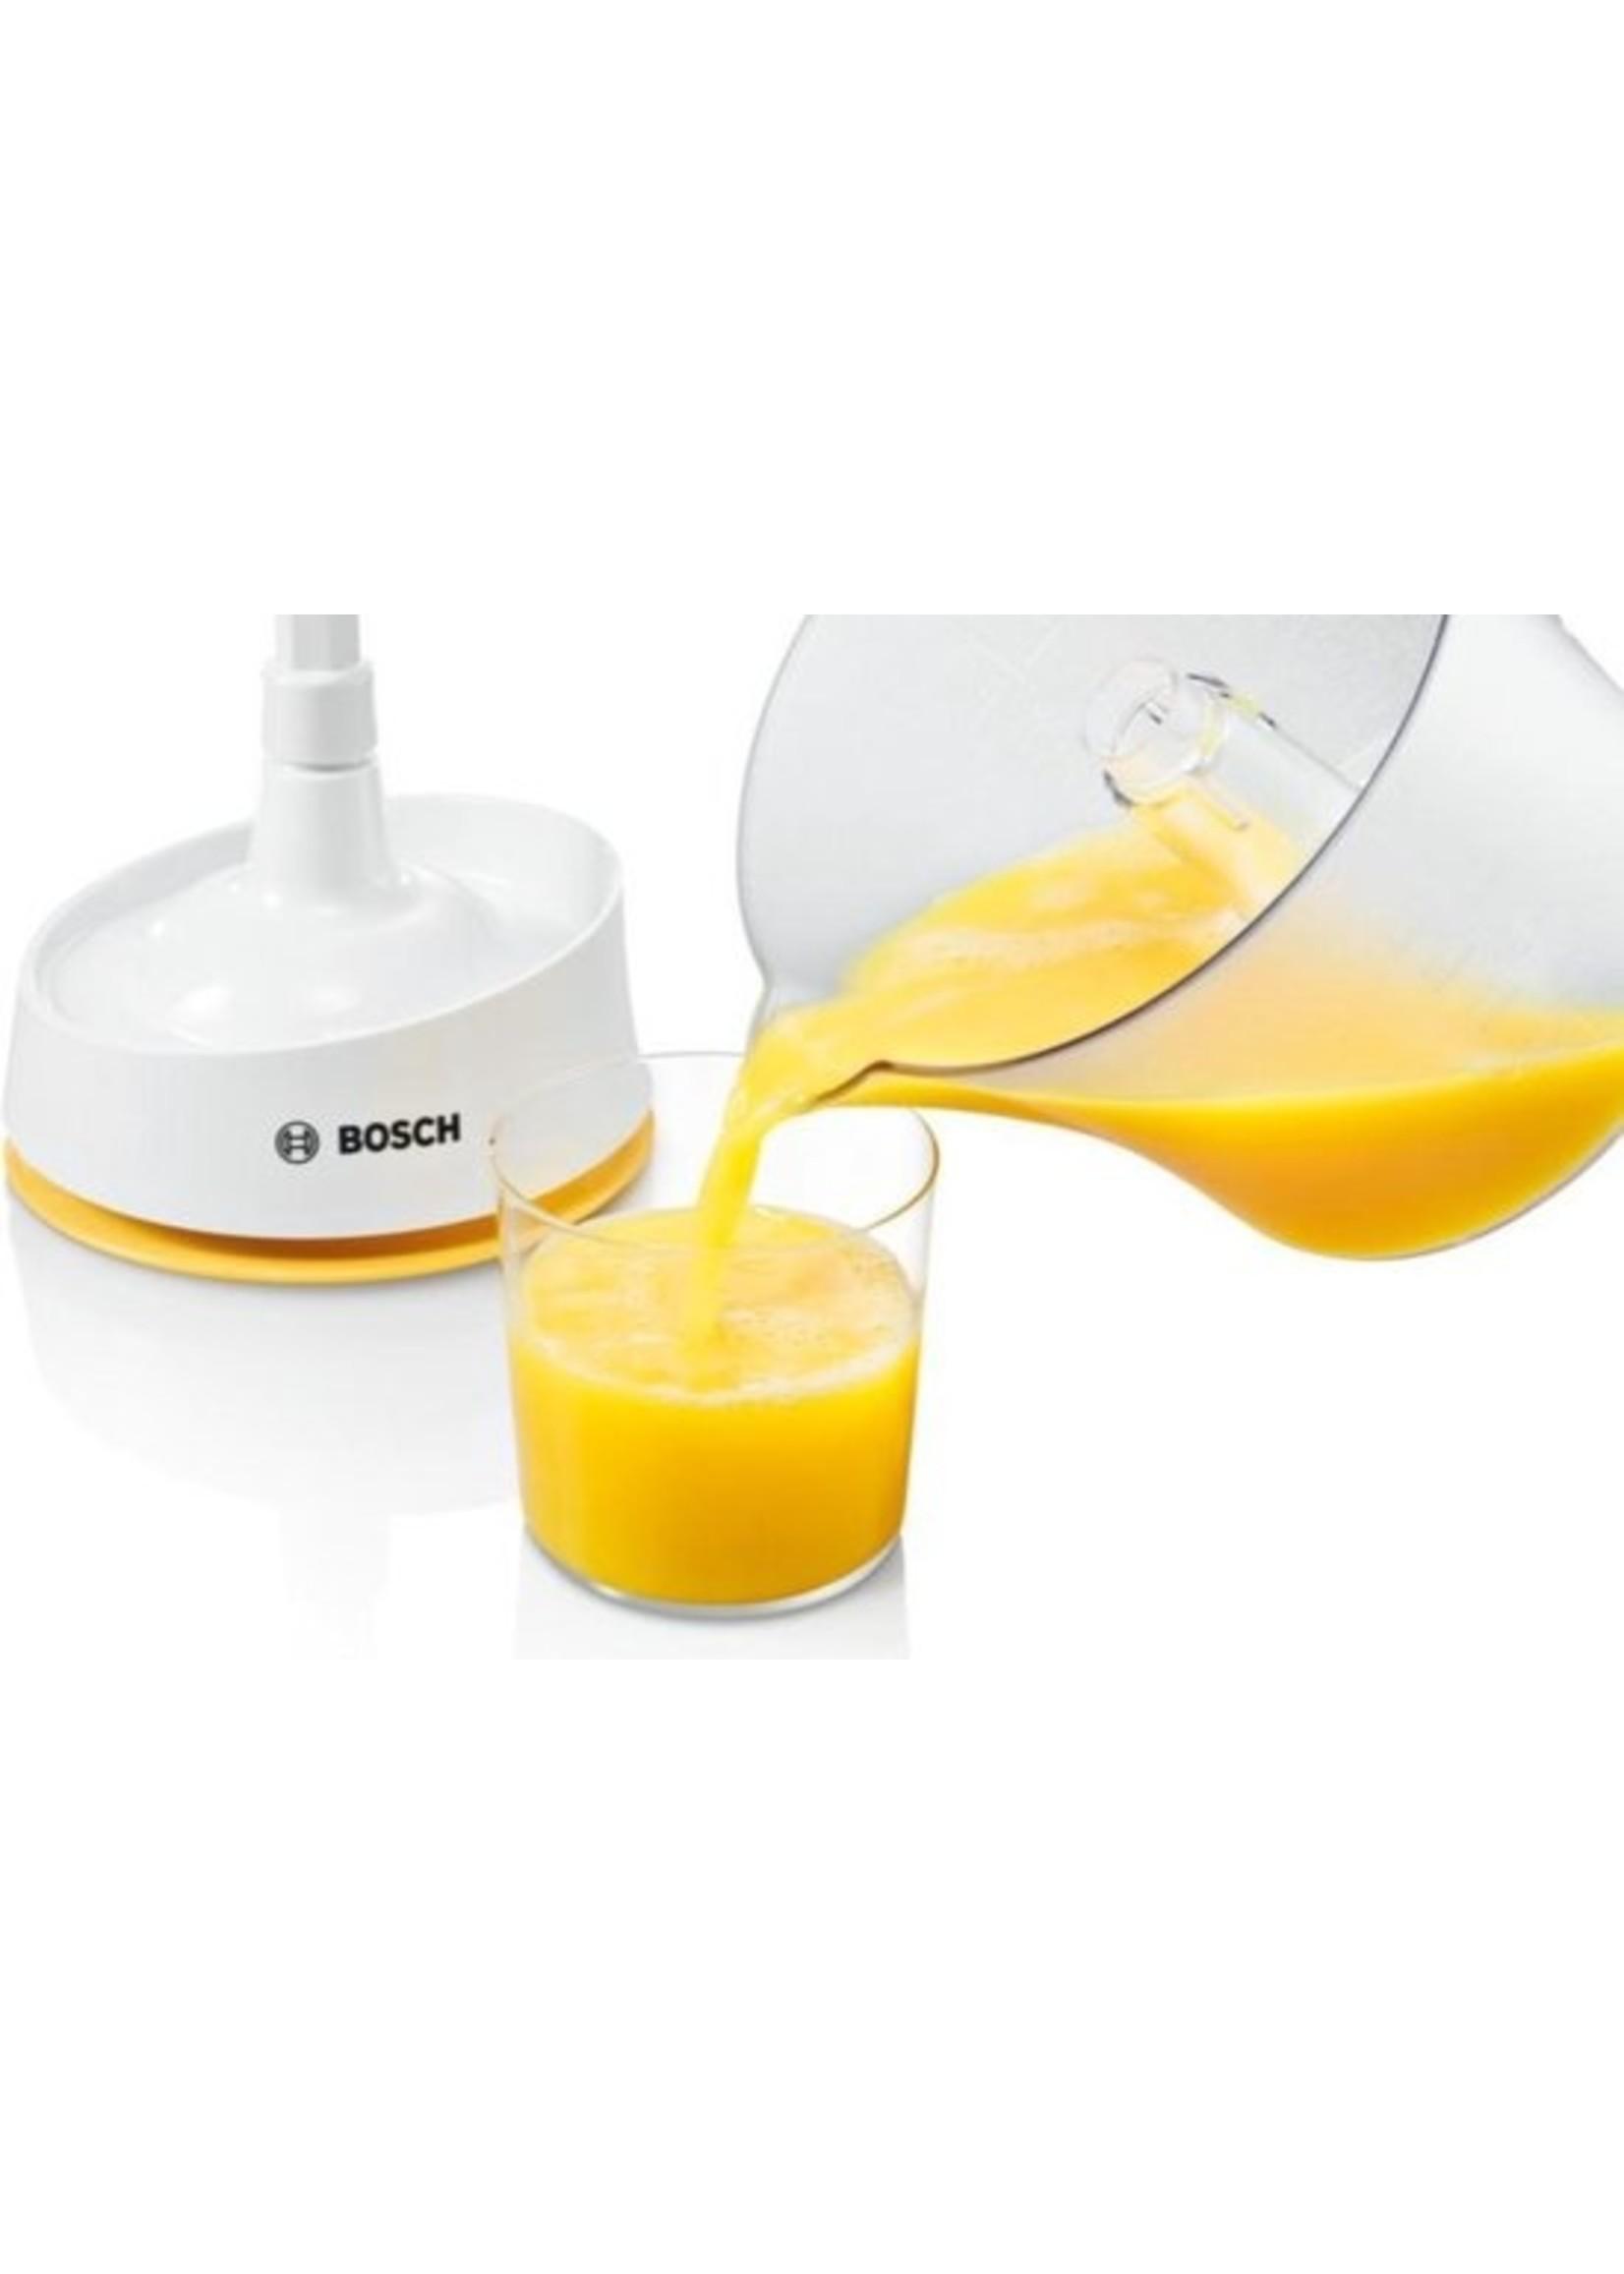 Bosch Bosch MCP3000N - Citruspers